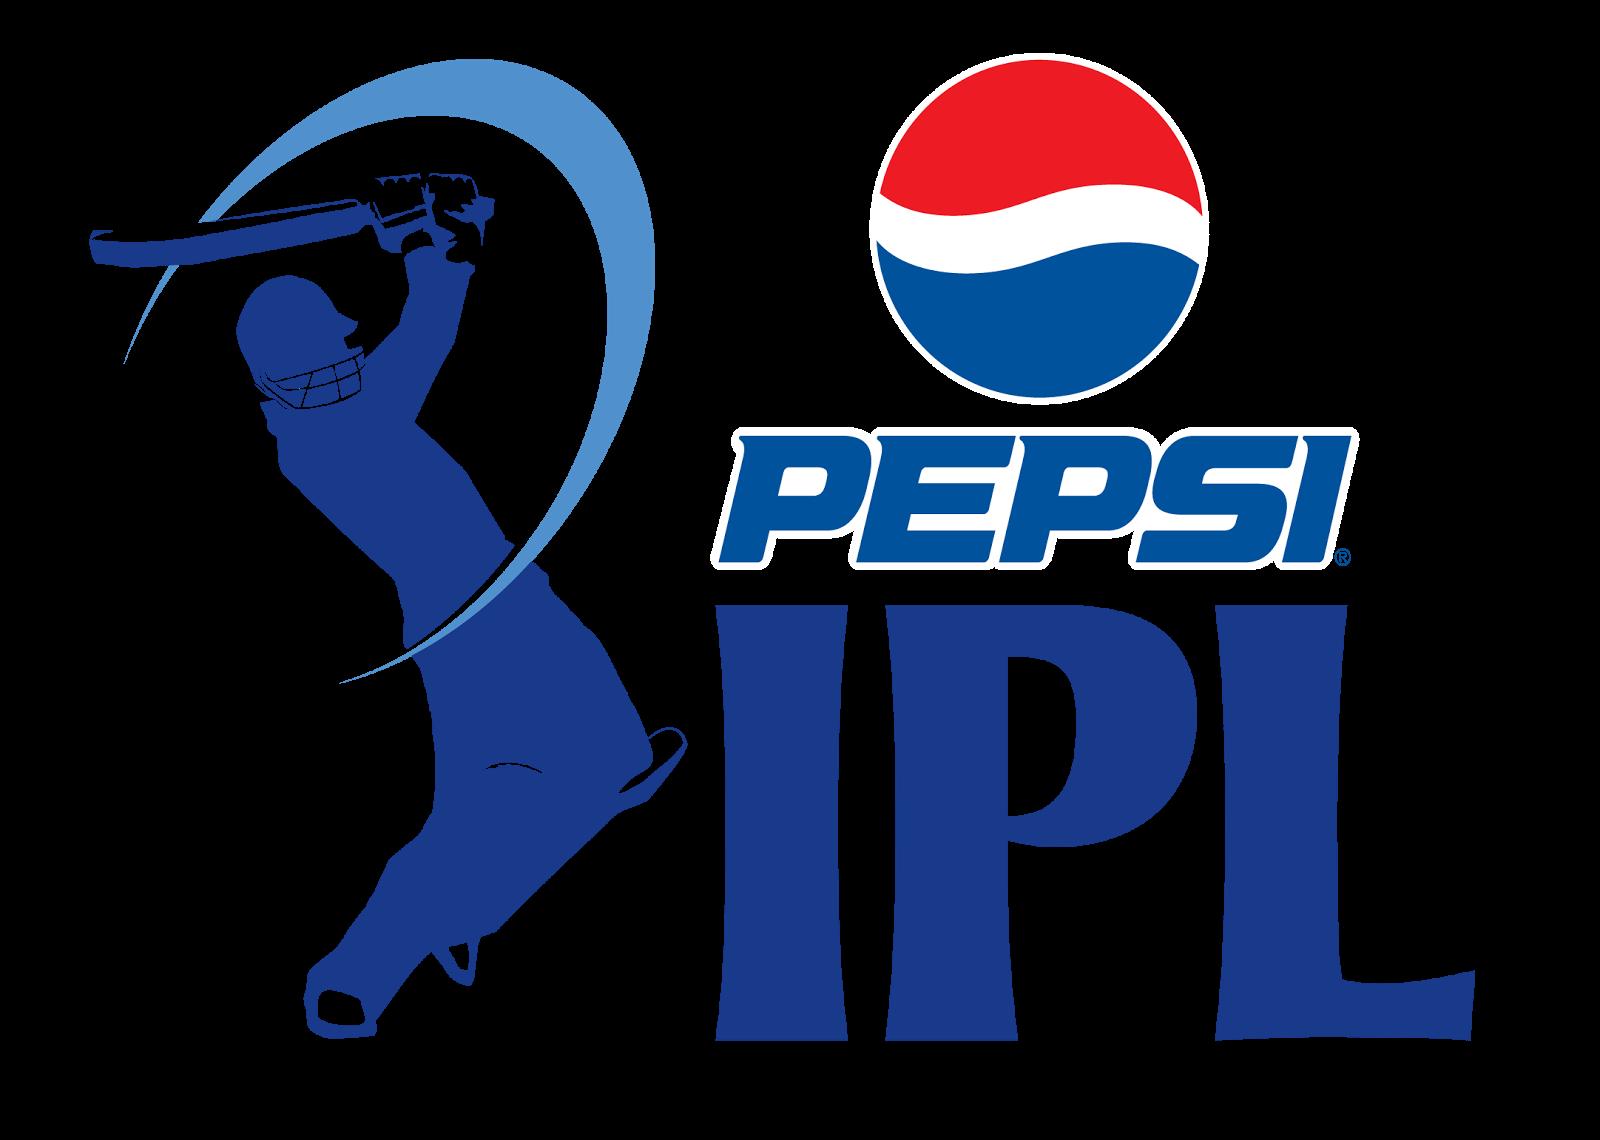 Pepsi IPL live scores,Pepsi IPL on Android,Pepsi IPL on ios